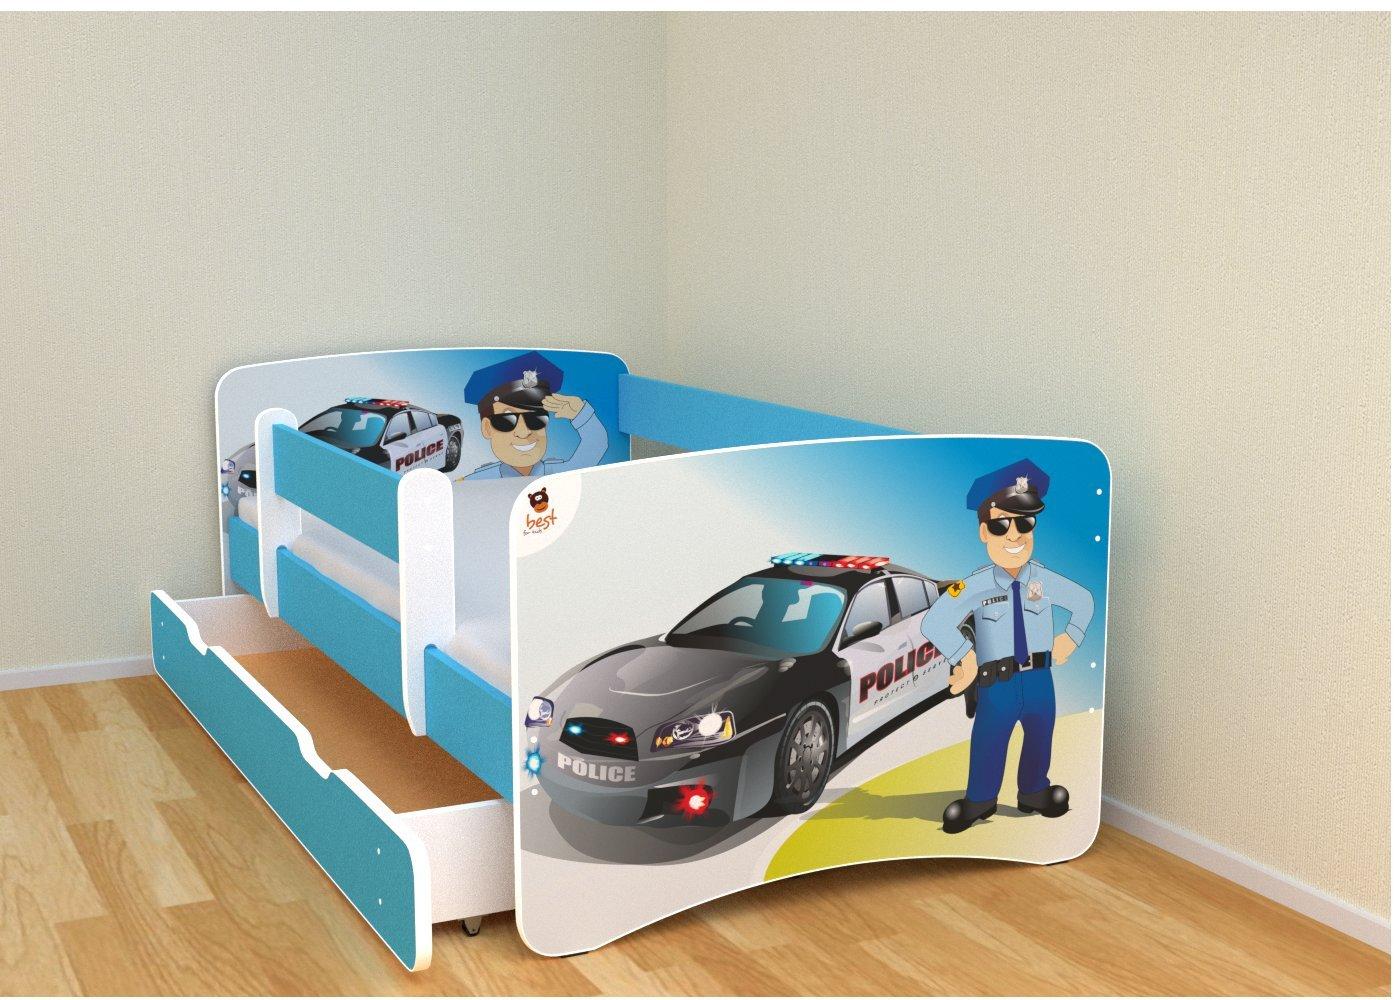 Best For Kids Kinderbett 80x160 mit Rausfallschutz bunte Seitenteile in blaue Farbe mit 10 cm Matratze und mit Schublade viele Designs